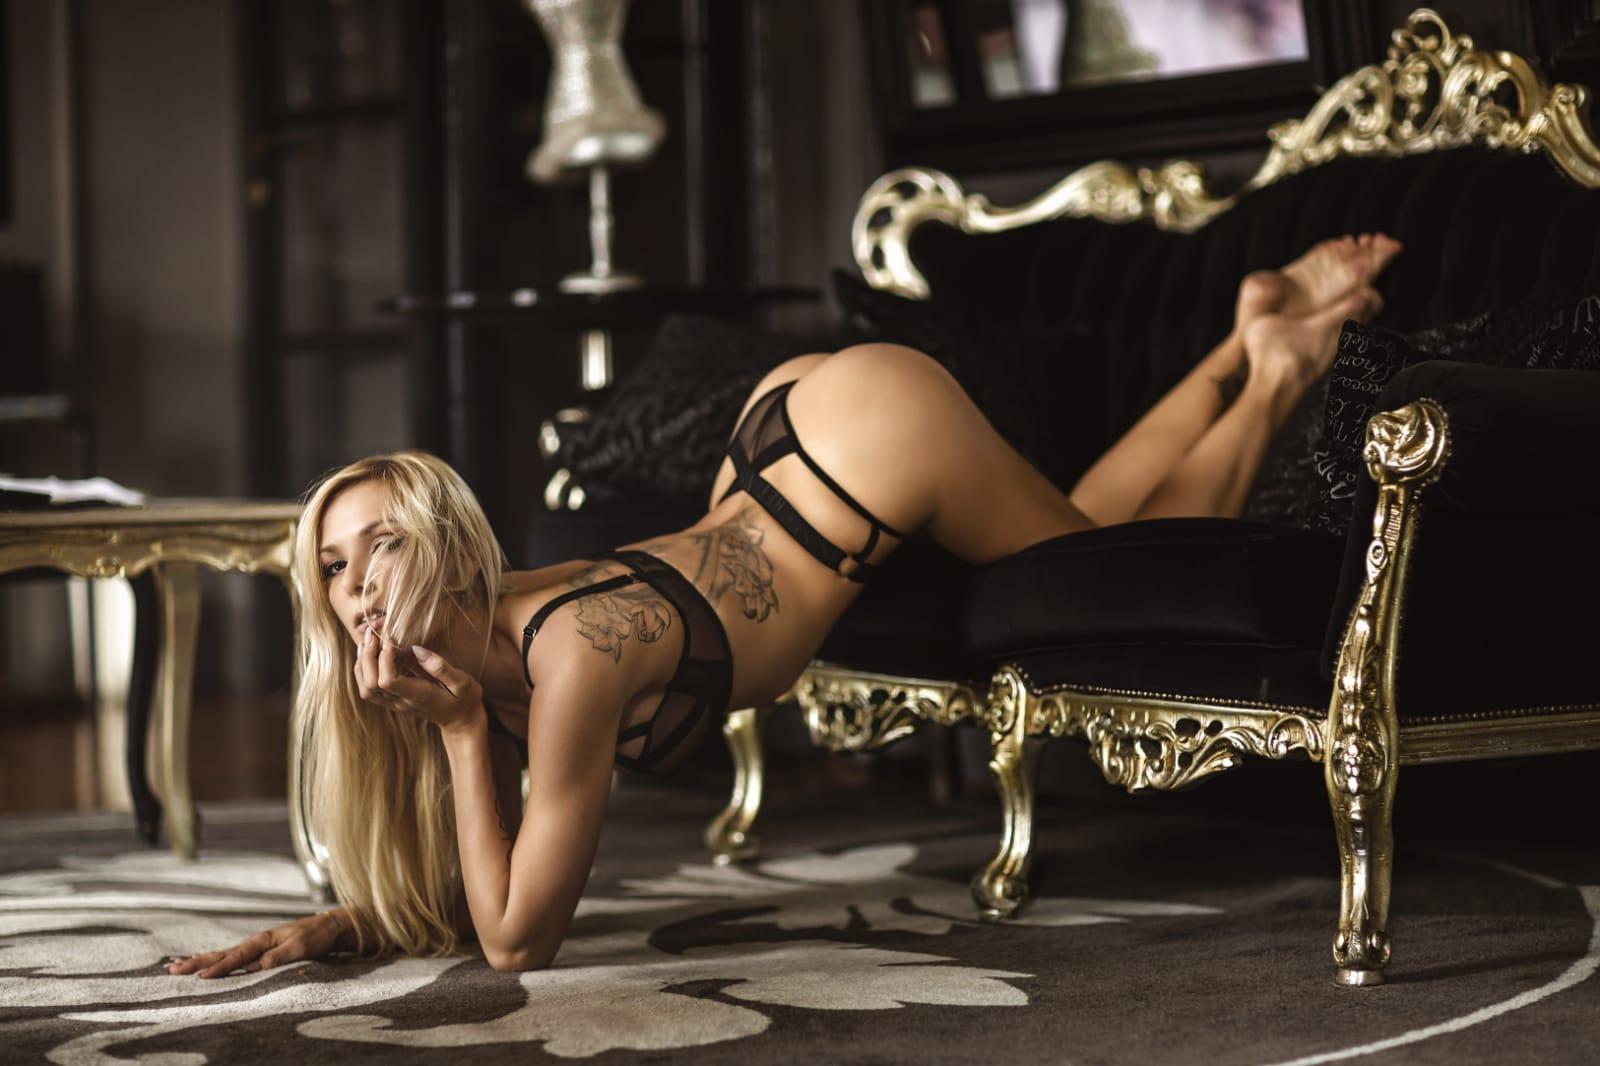 La modella veneta &egrave; una grande appassionata di basket e non poteva che fare il tifo per la squadra della sua citt&agrave;.<br /><br />